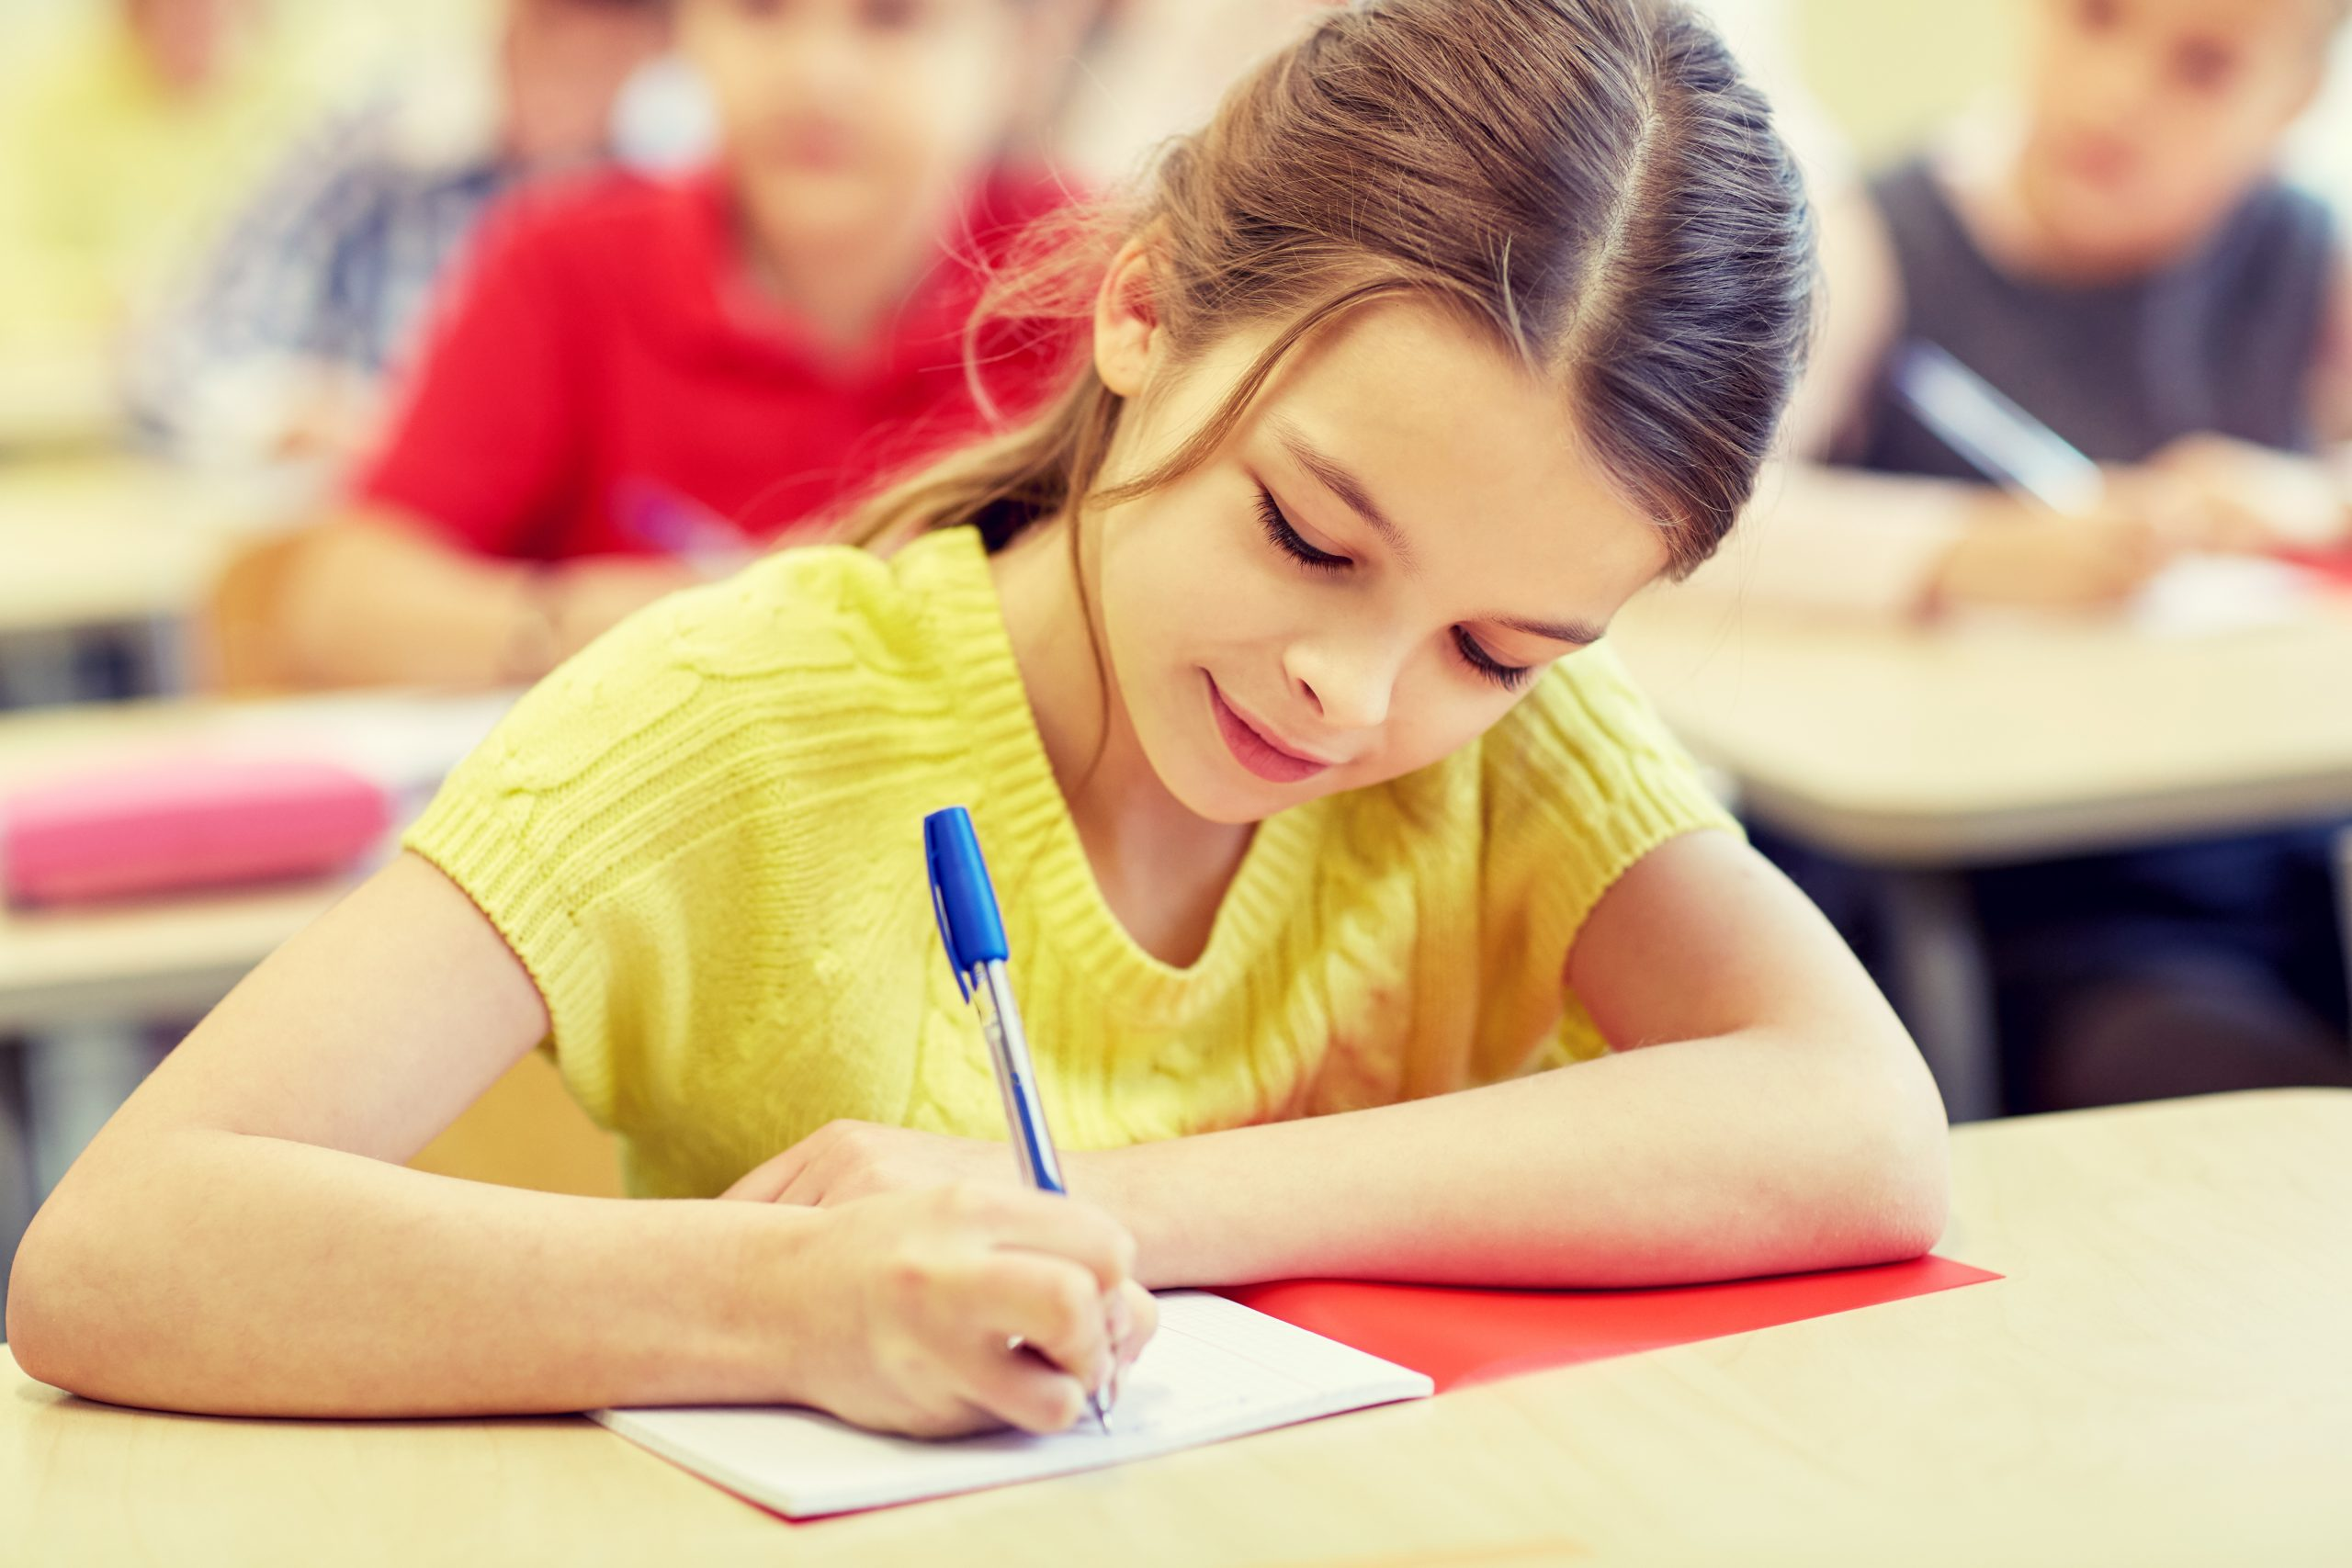 Hoe houd ik mijn kind gemotiveerd om met schoolwerk bezig te zijn?